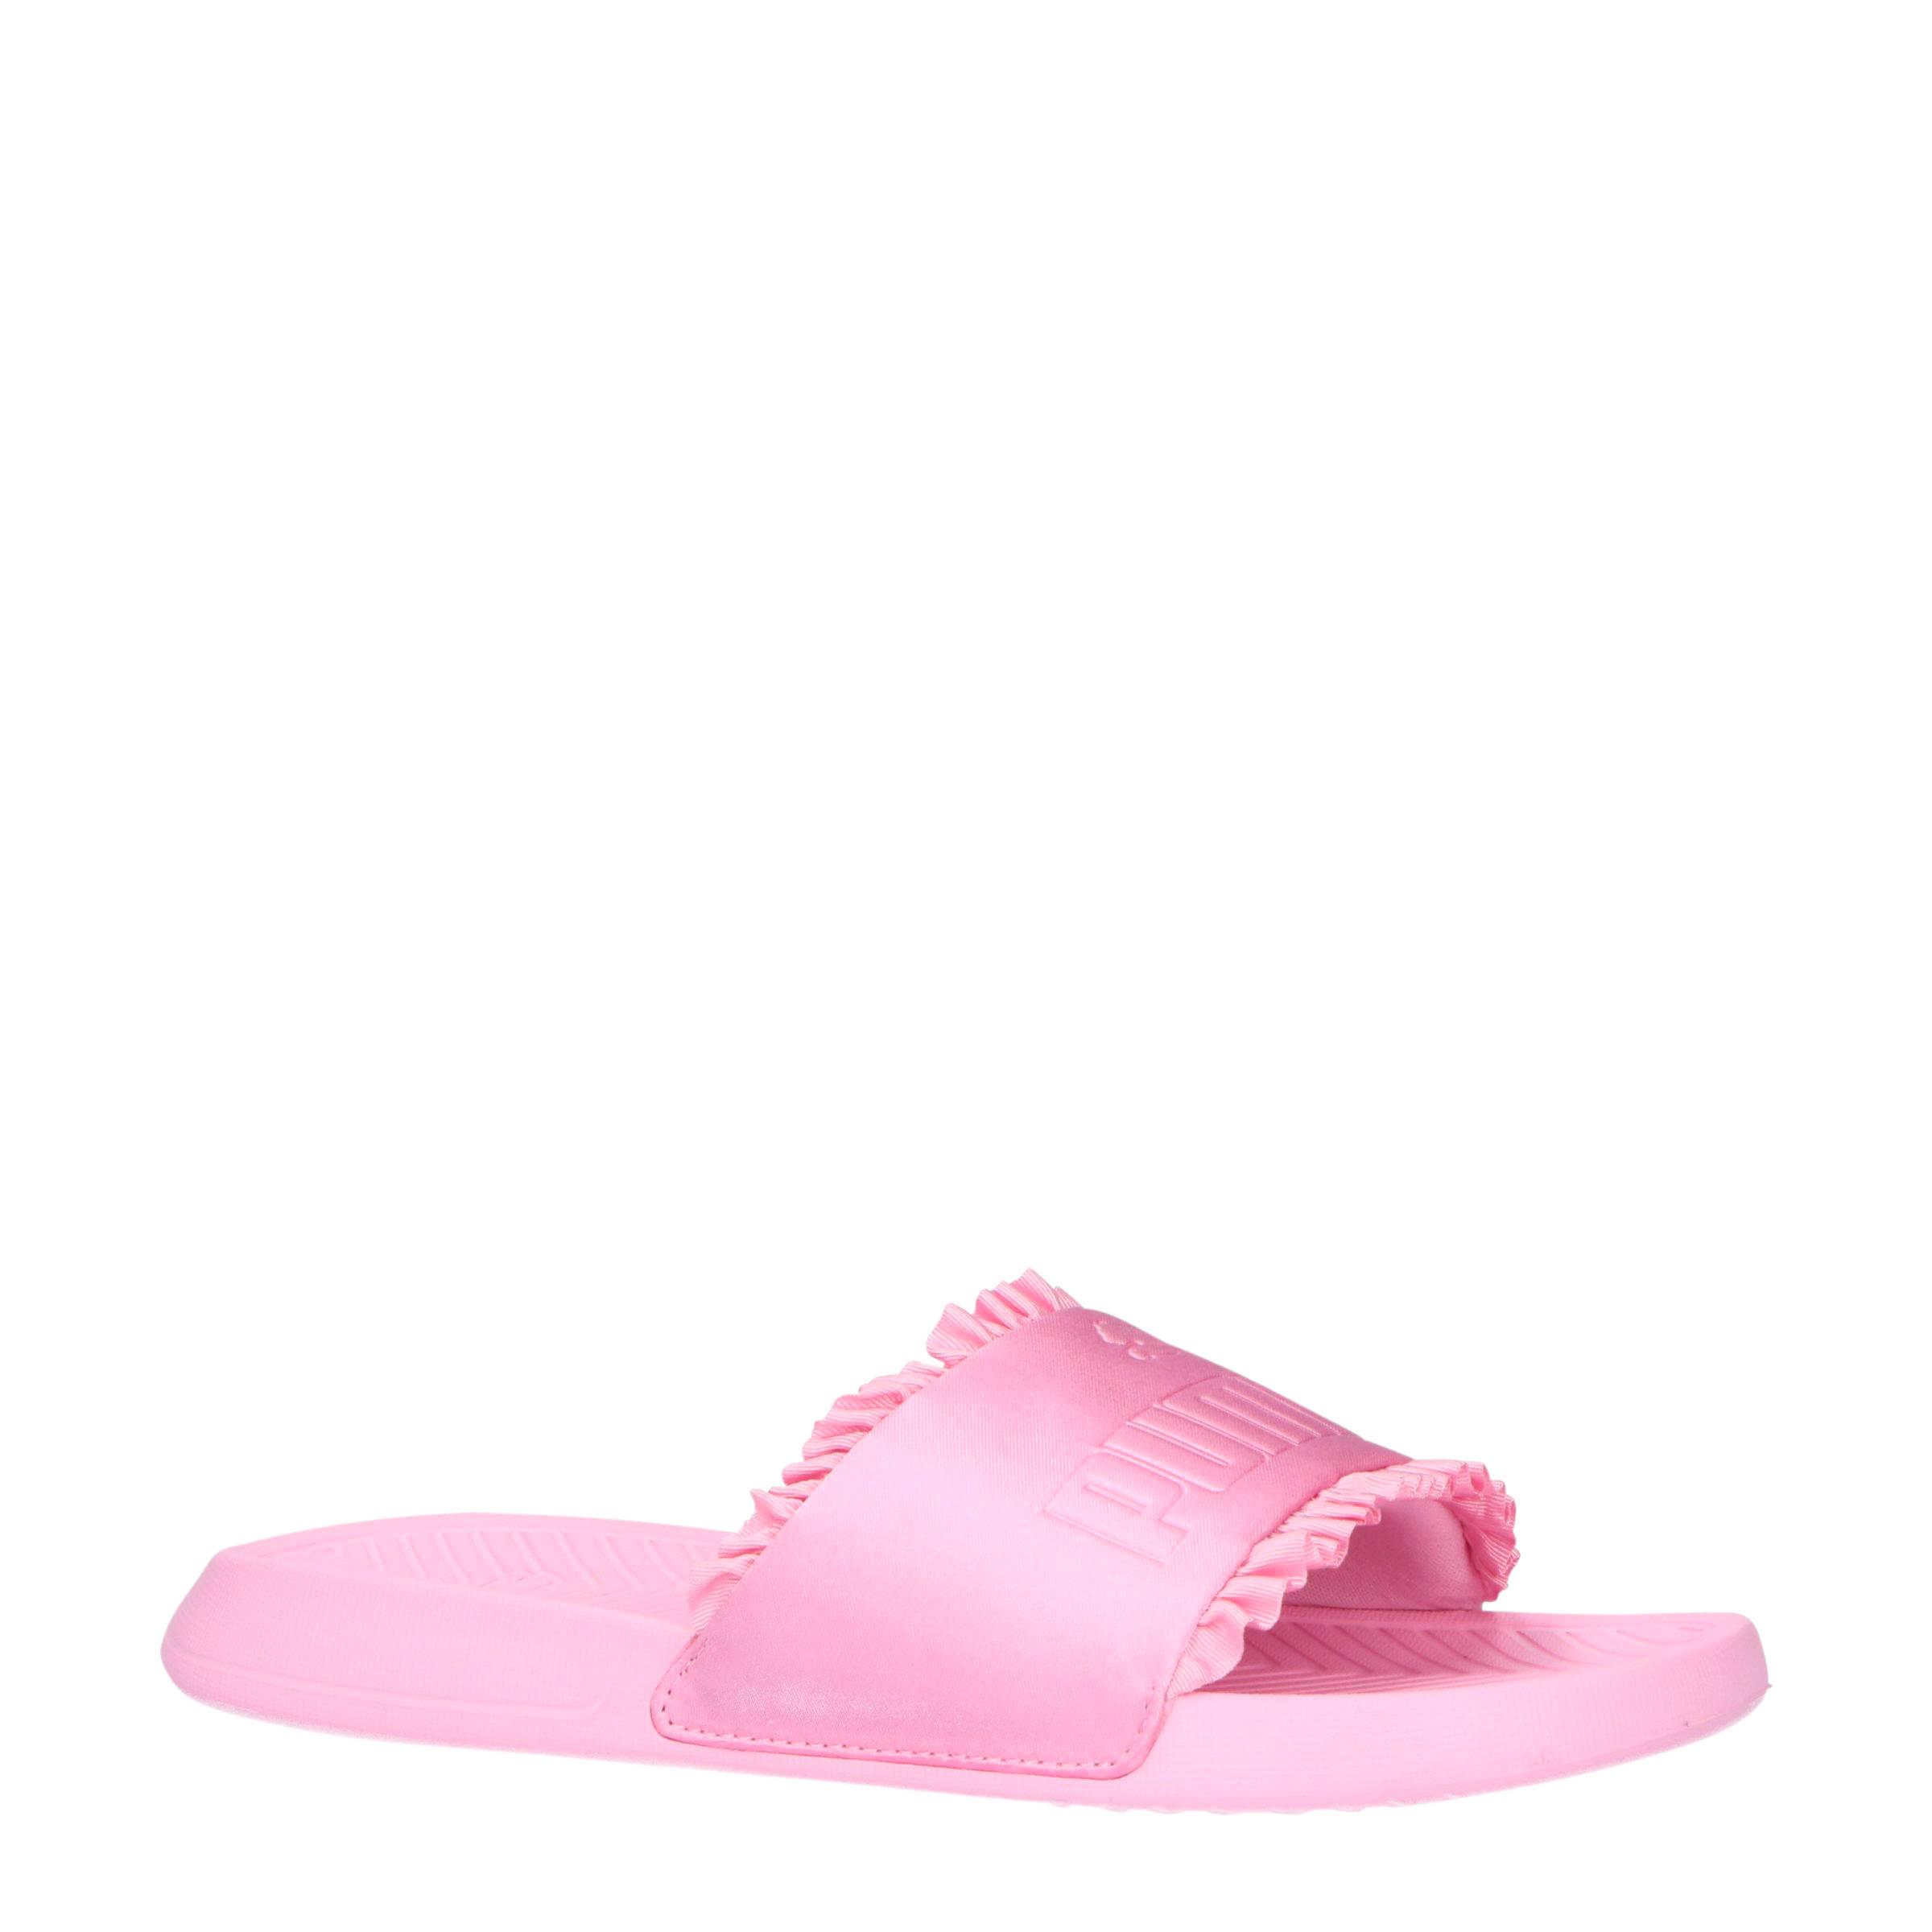 7698e114933 Dames schoenen bij wehkamp - Gratis bezorging vanaf 20.-